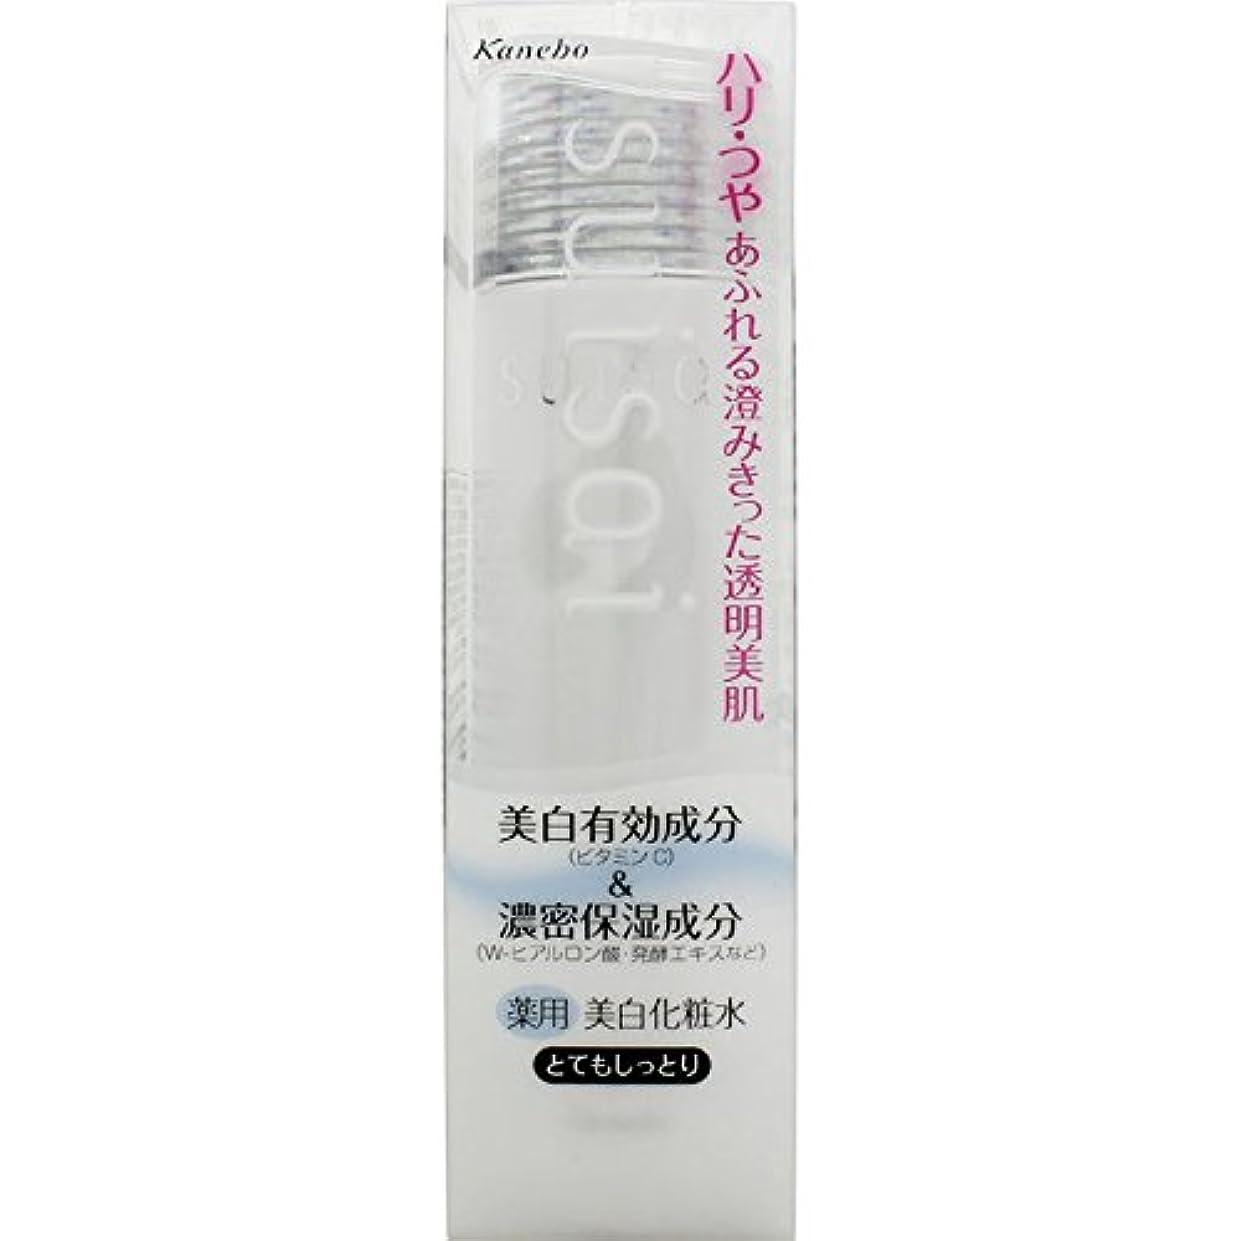 バーベキュー衣類寛解カネボウ suisai ホワイトニングローションIII 150ml